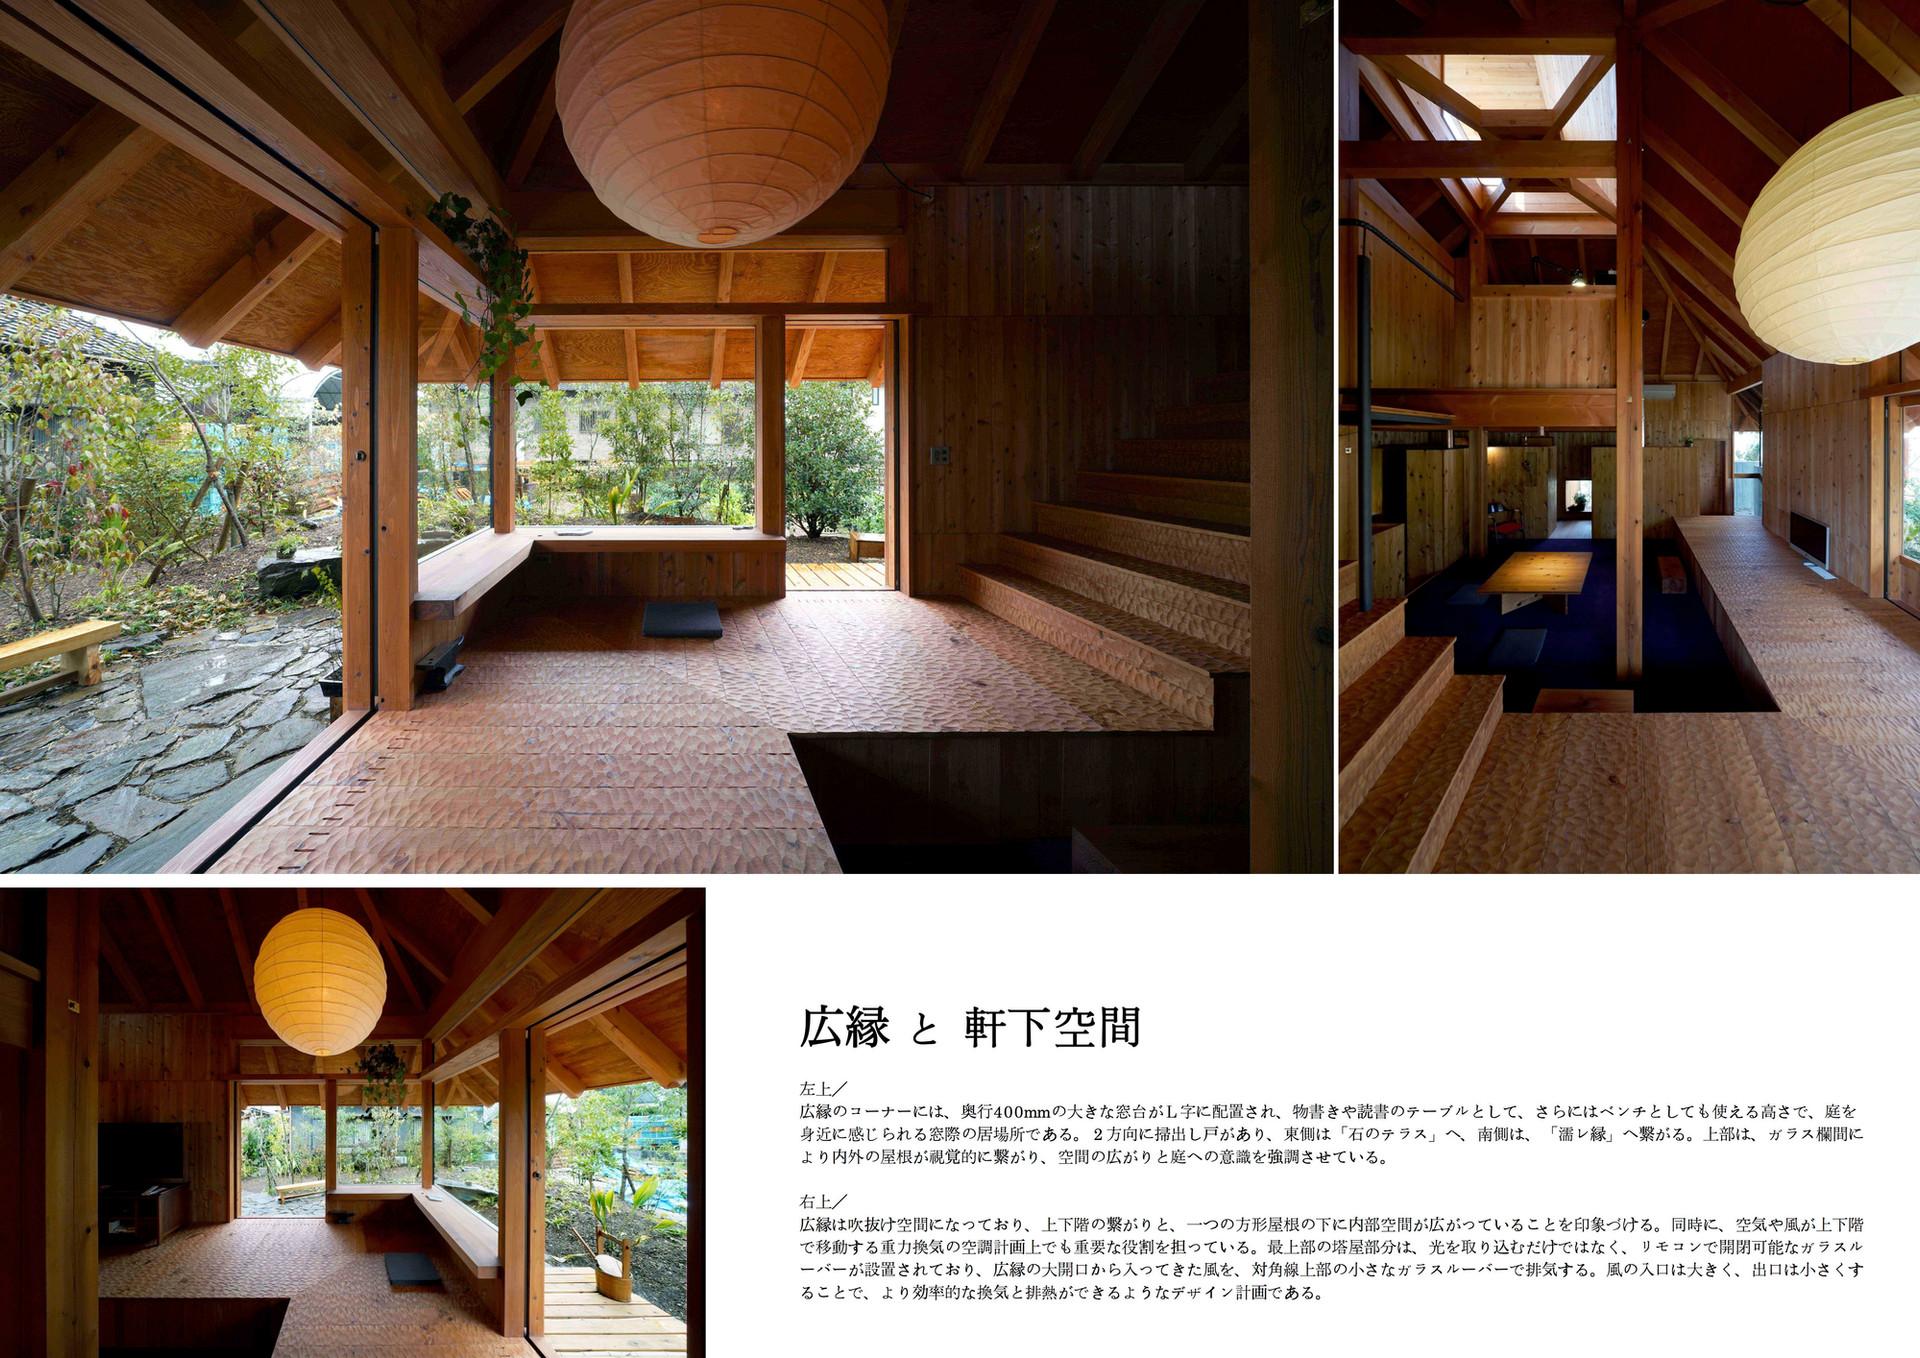 薬師田の住居15/岩間建築設計事務所.jpg